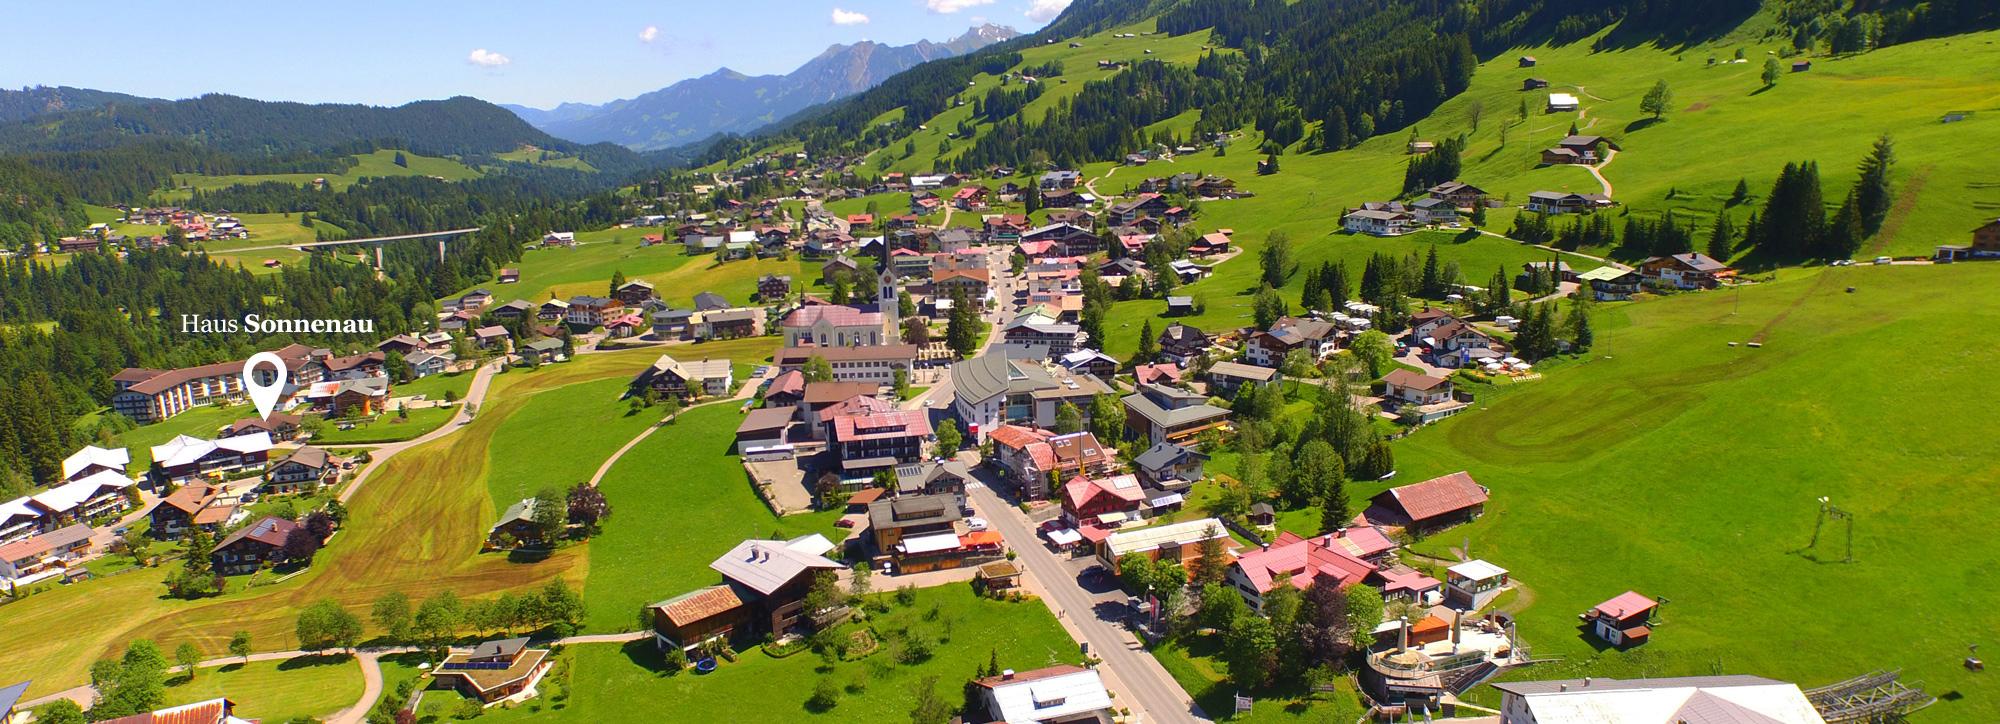 Lageskizze Haus Sonnenau